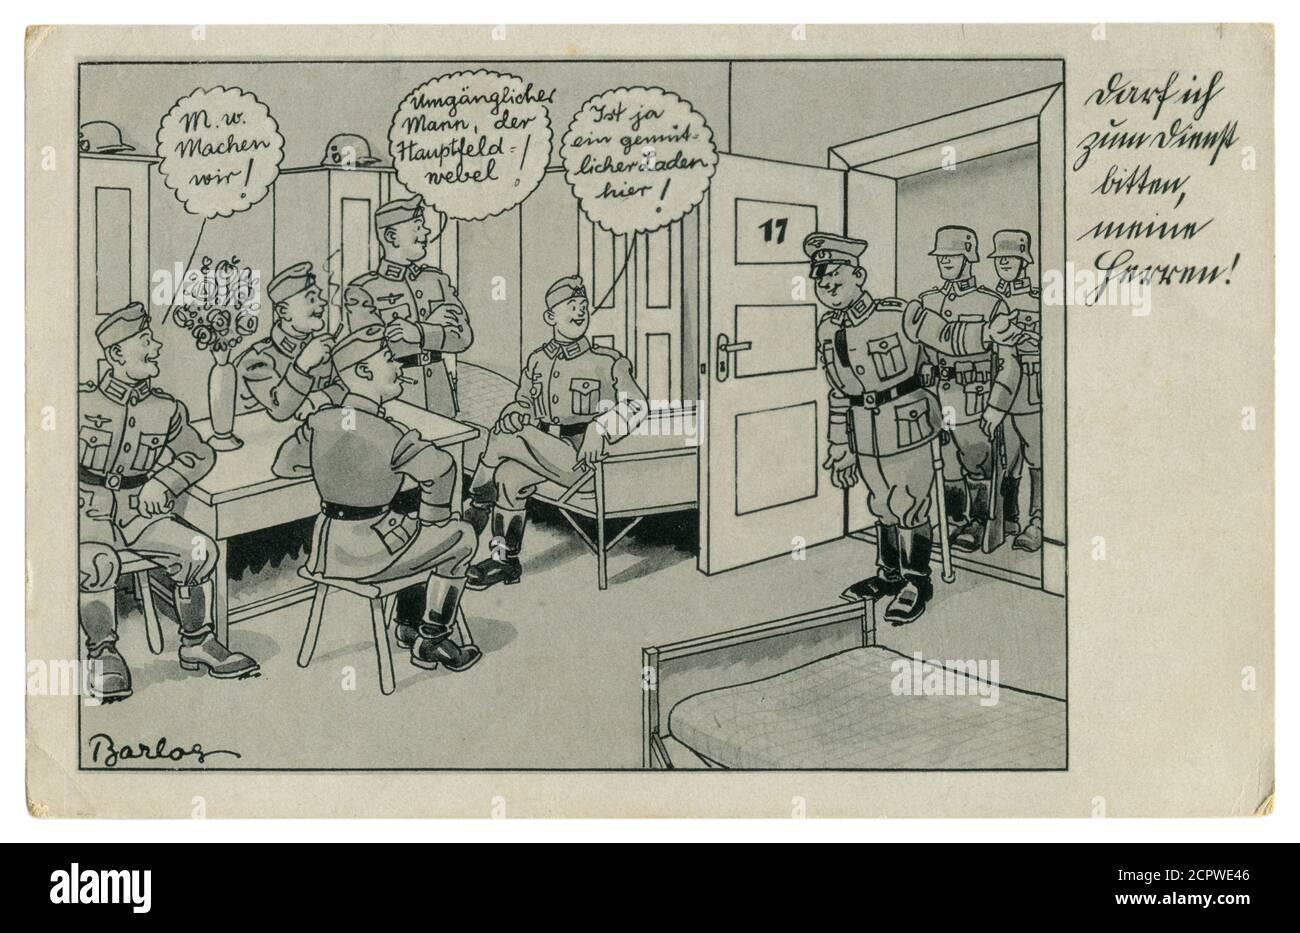 Carte postale historique allemande : les soldats fument dans les casernes. Inconduite. Le sergent demande à aller avec lui, série satirique, par Barlog, Allemagne, 1939 Banque D'Images